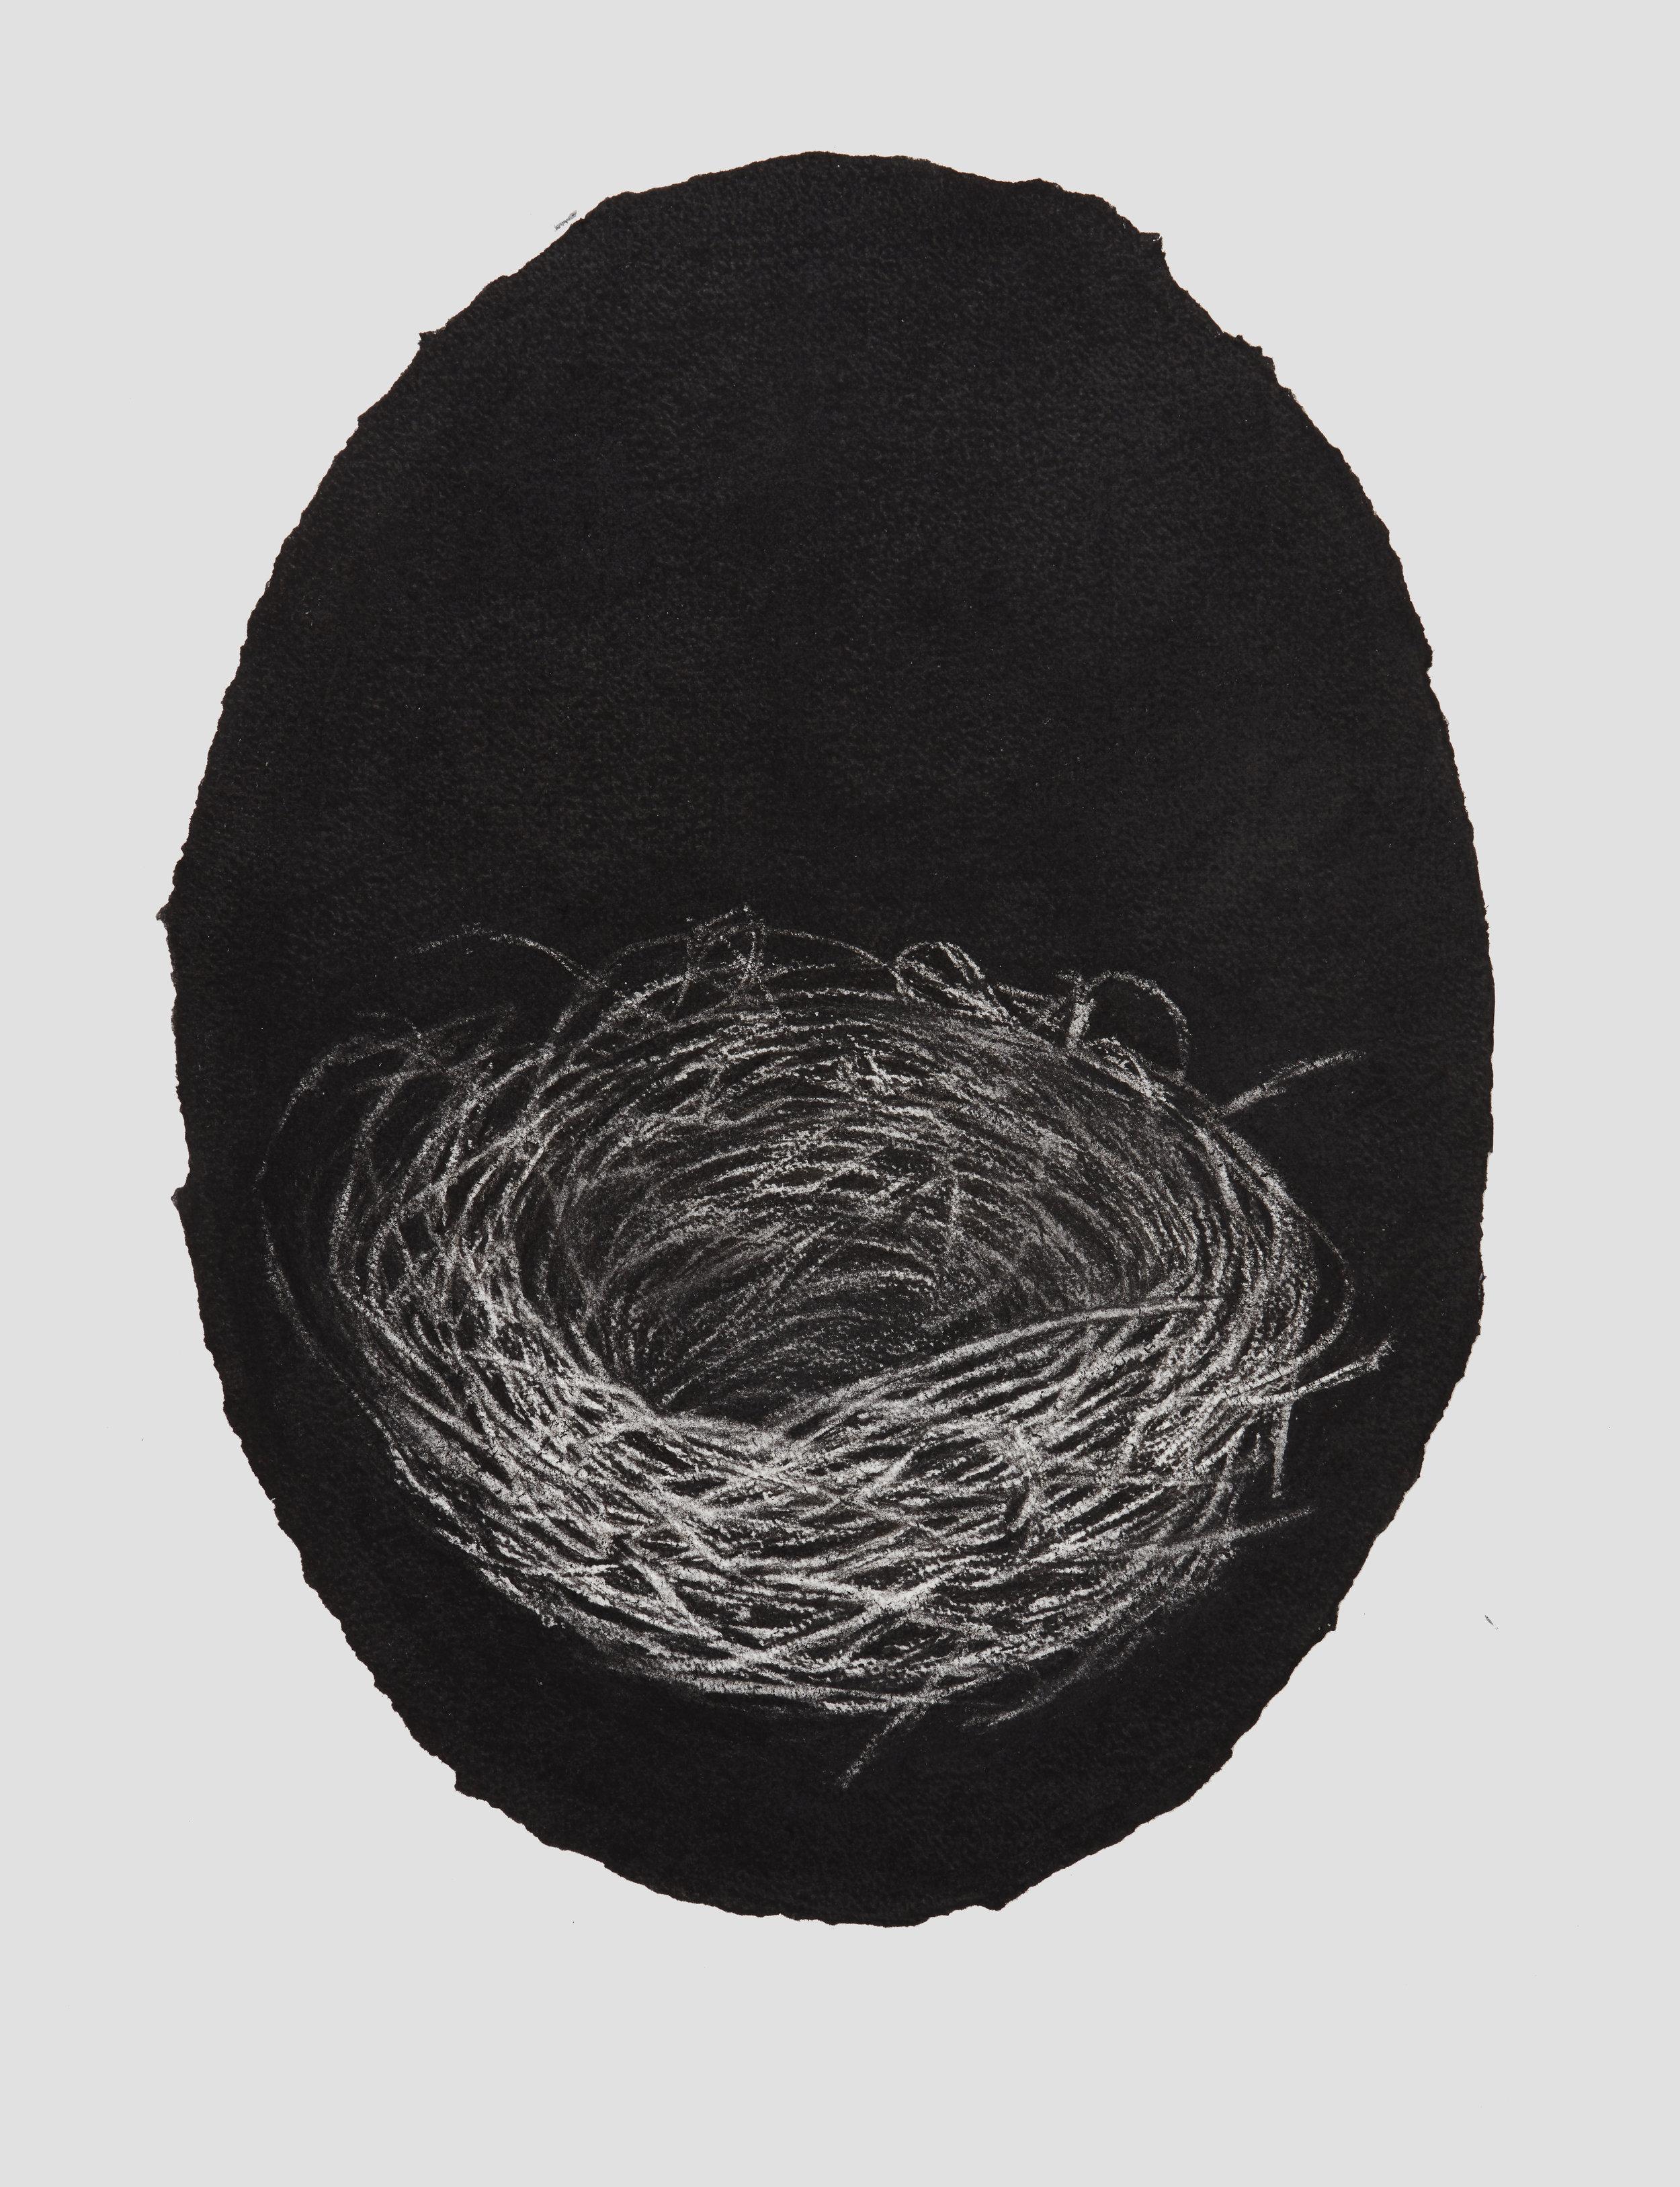 portrait nest, 2017, 44x33cm, charcoal on paper